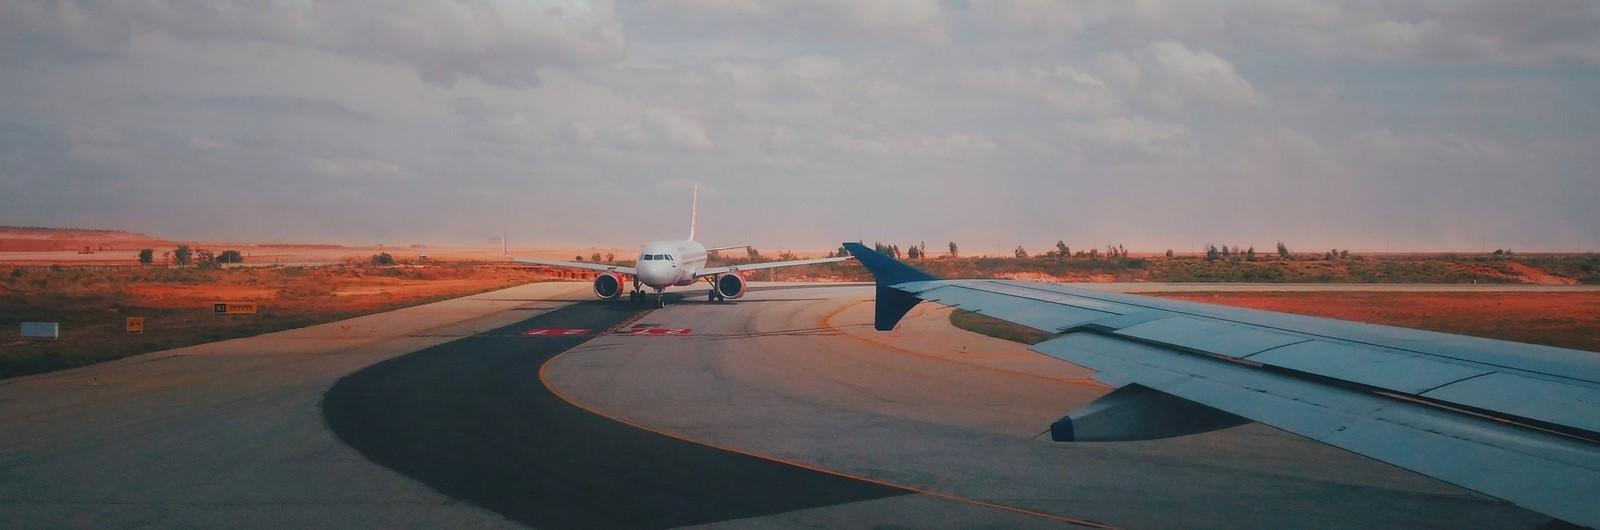 airport generic 29